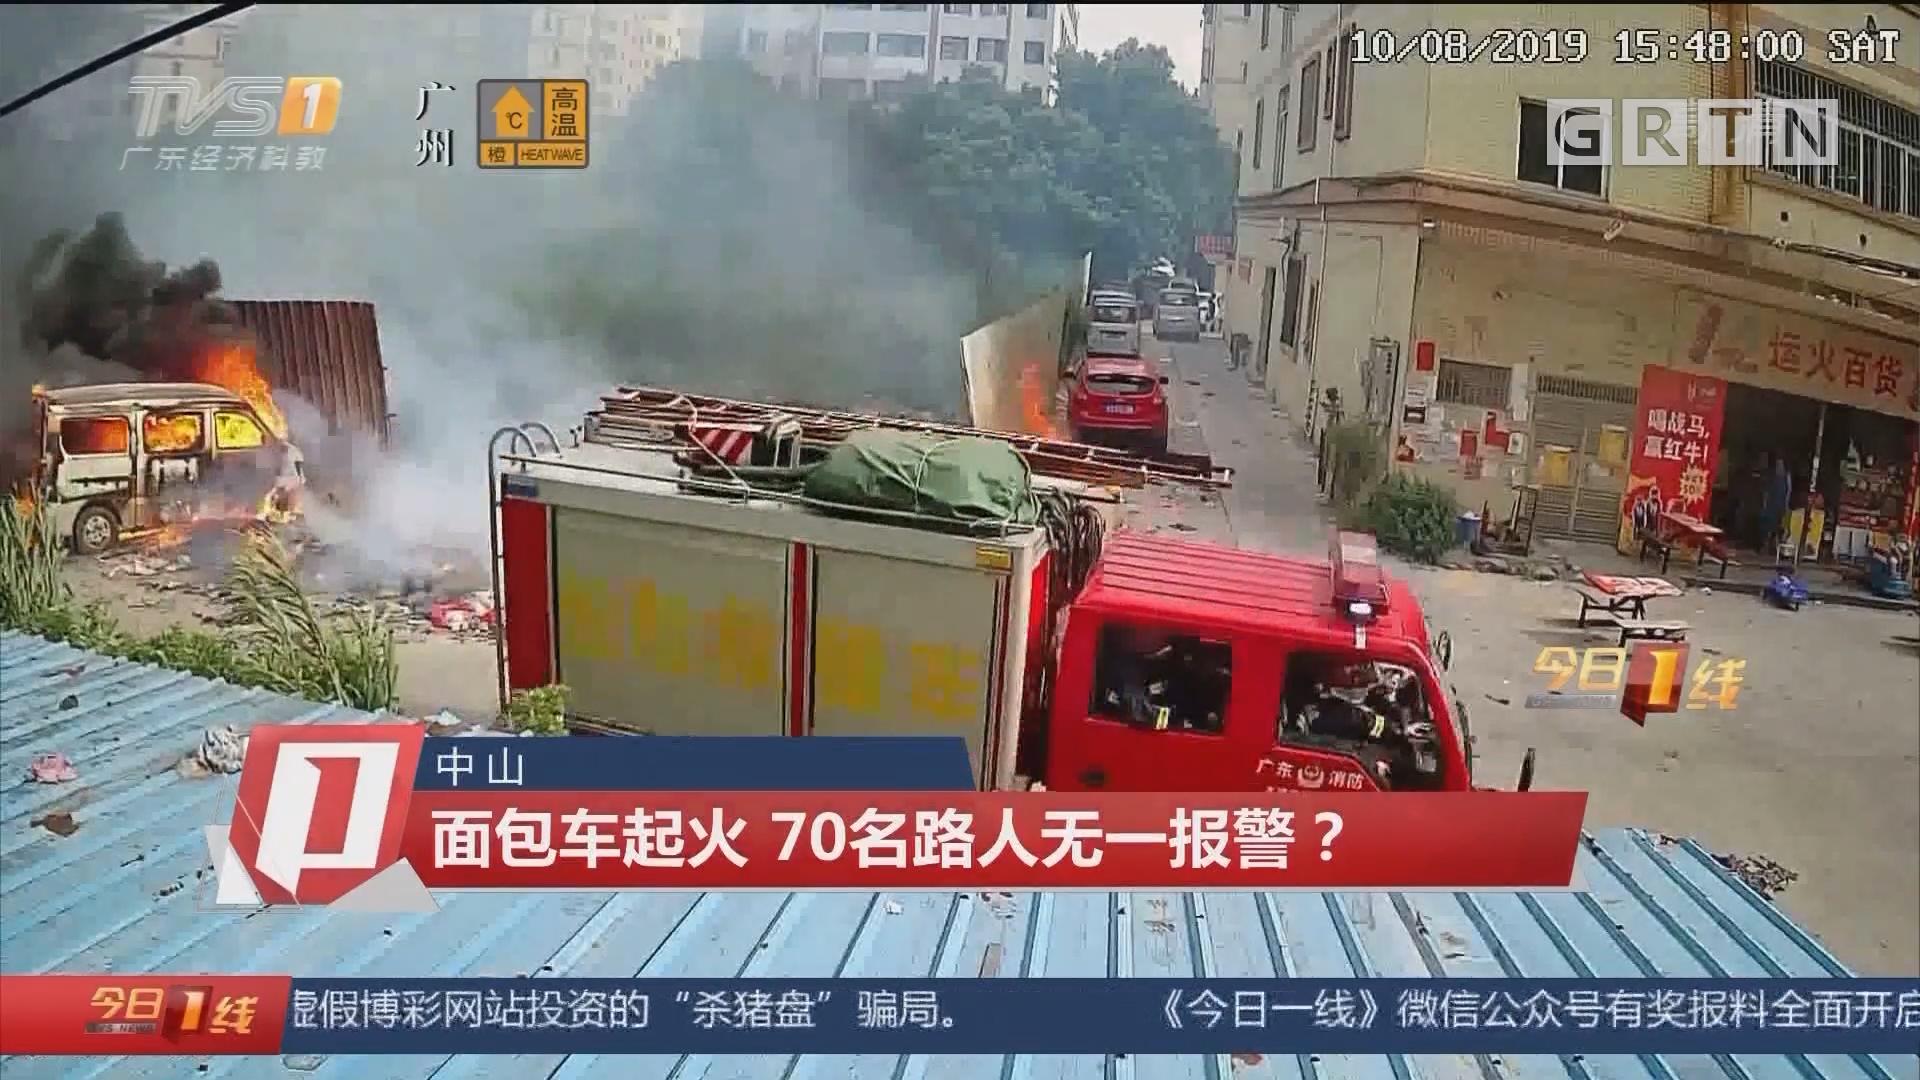 中山:面包车起火 70名路人无一报警?